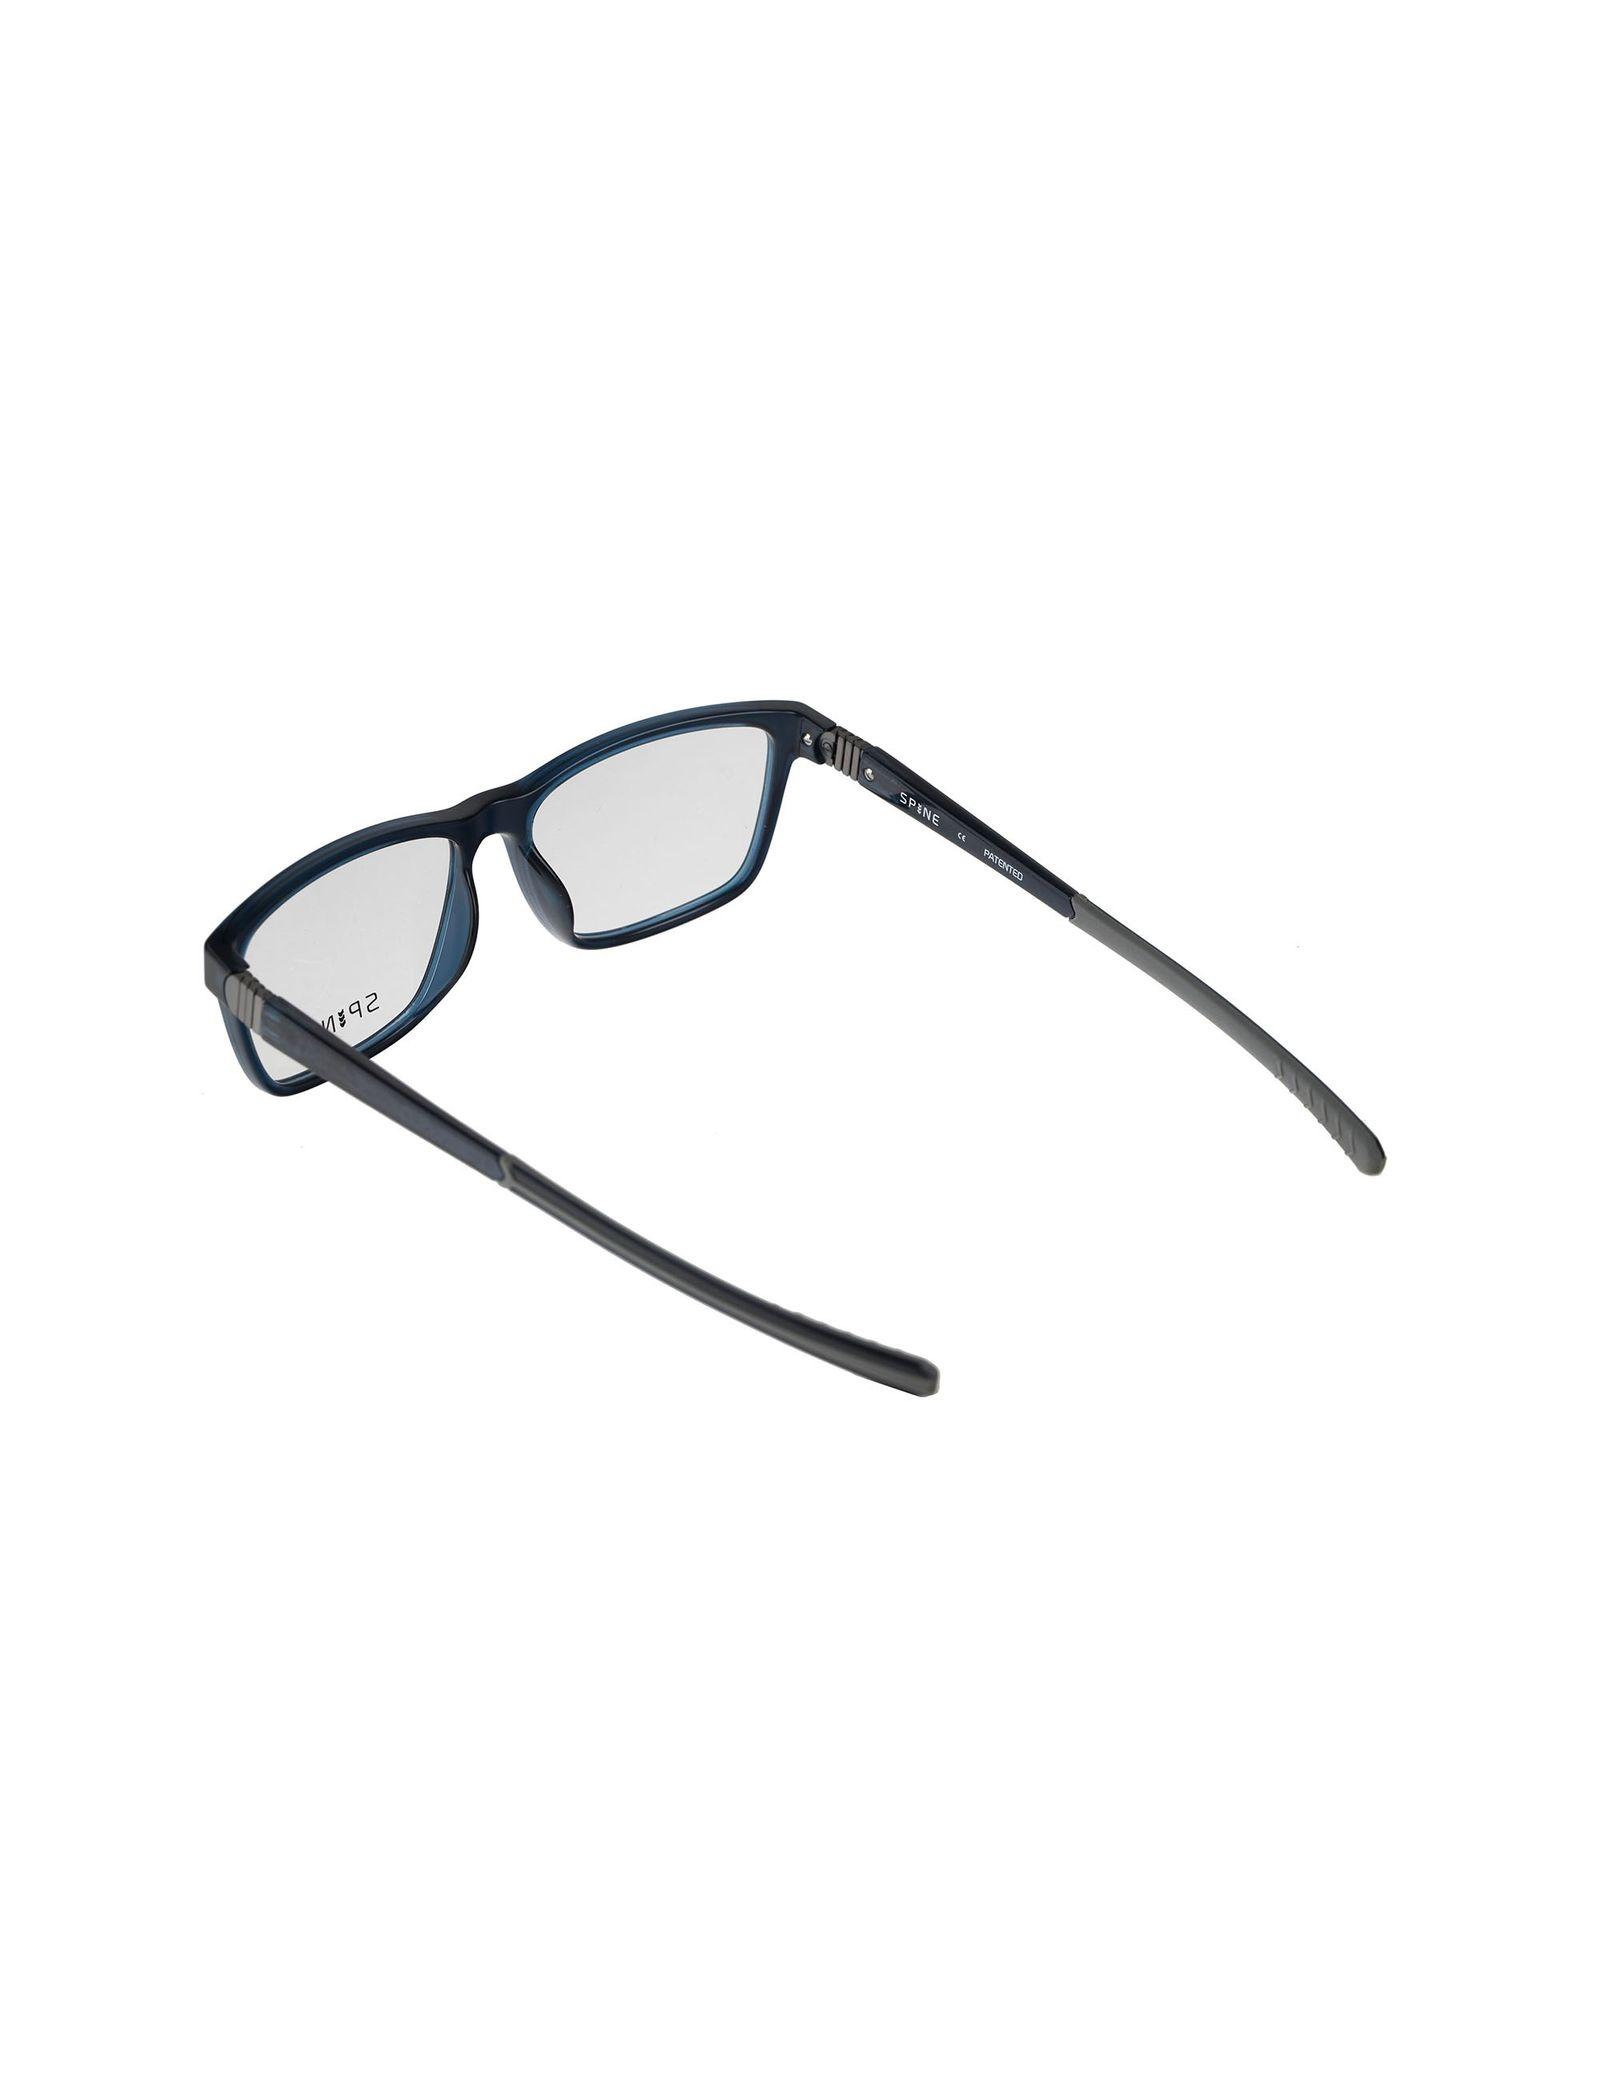 عینک طبی ویفرر زنانه - اسپاین - سرمه اي - 4